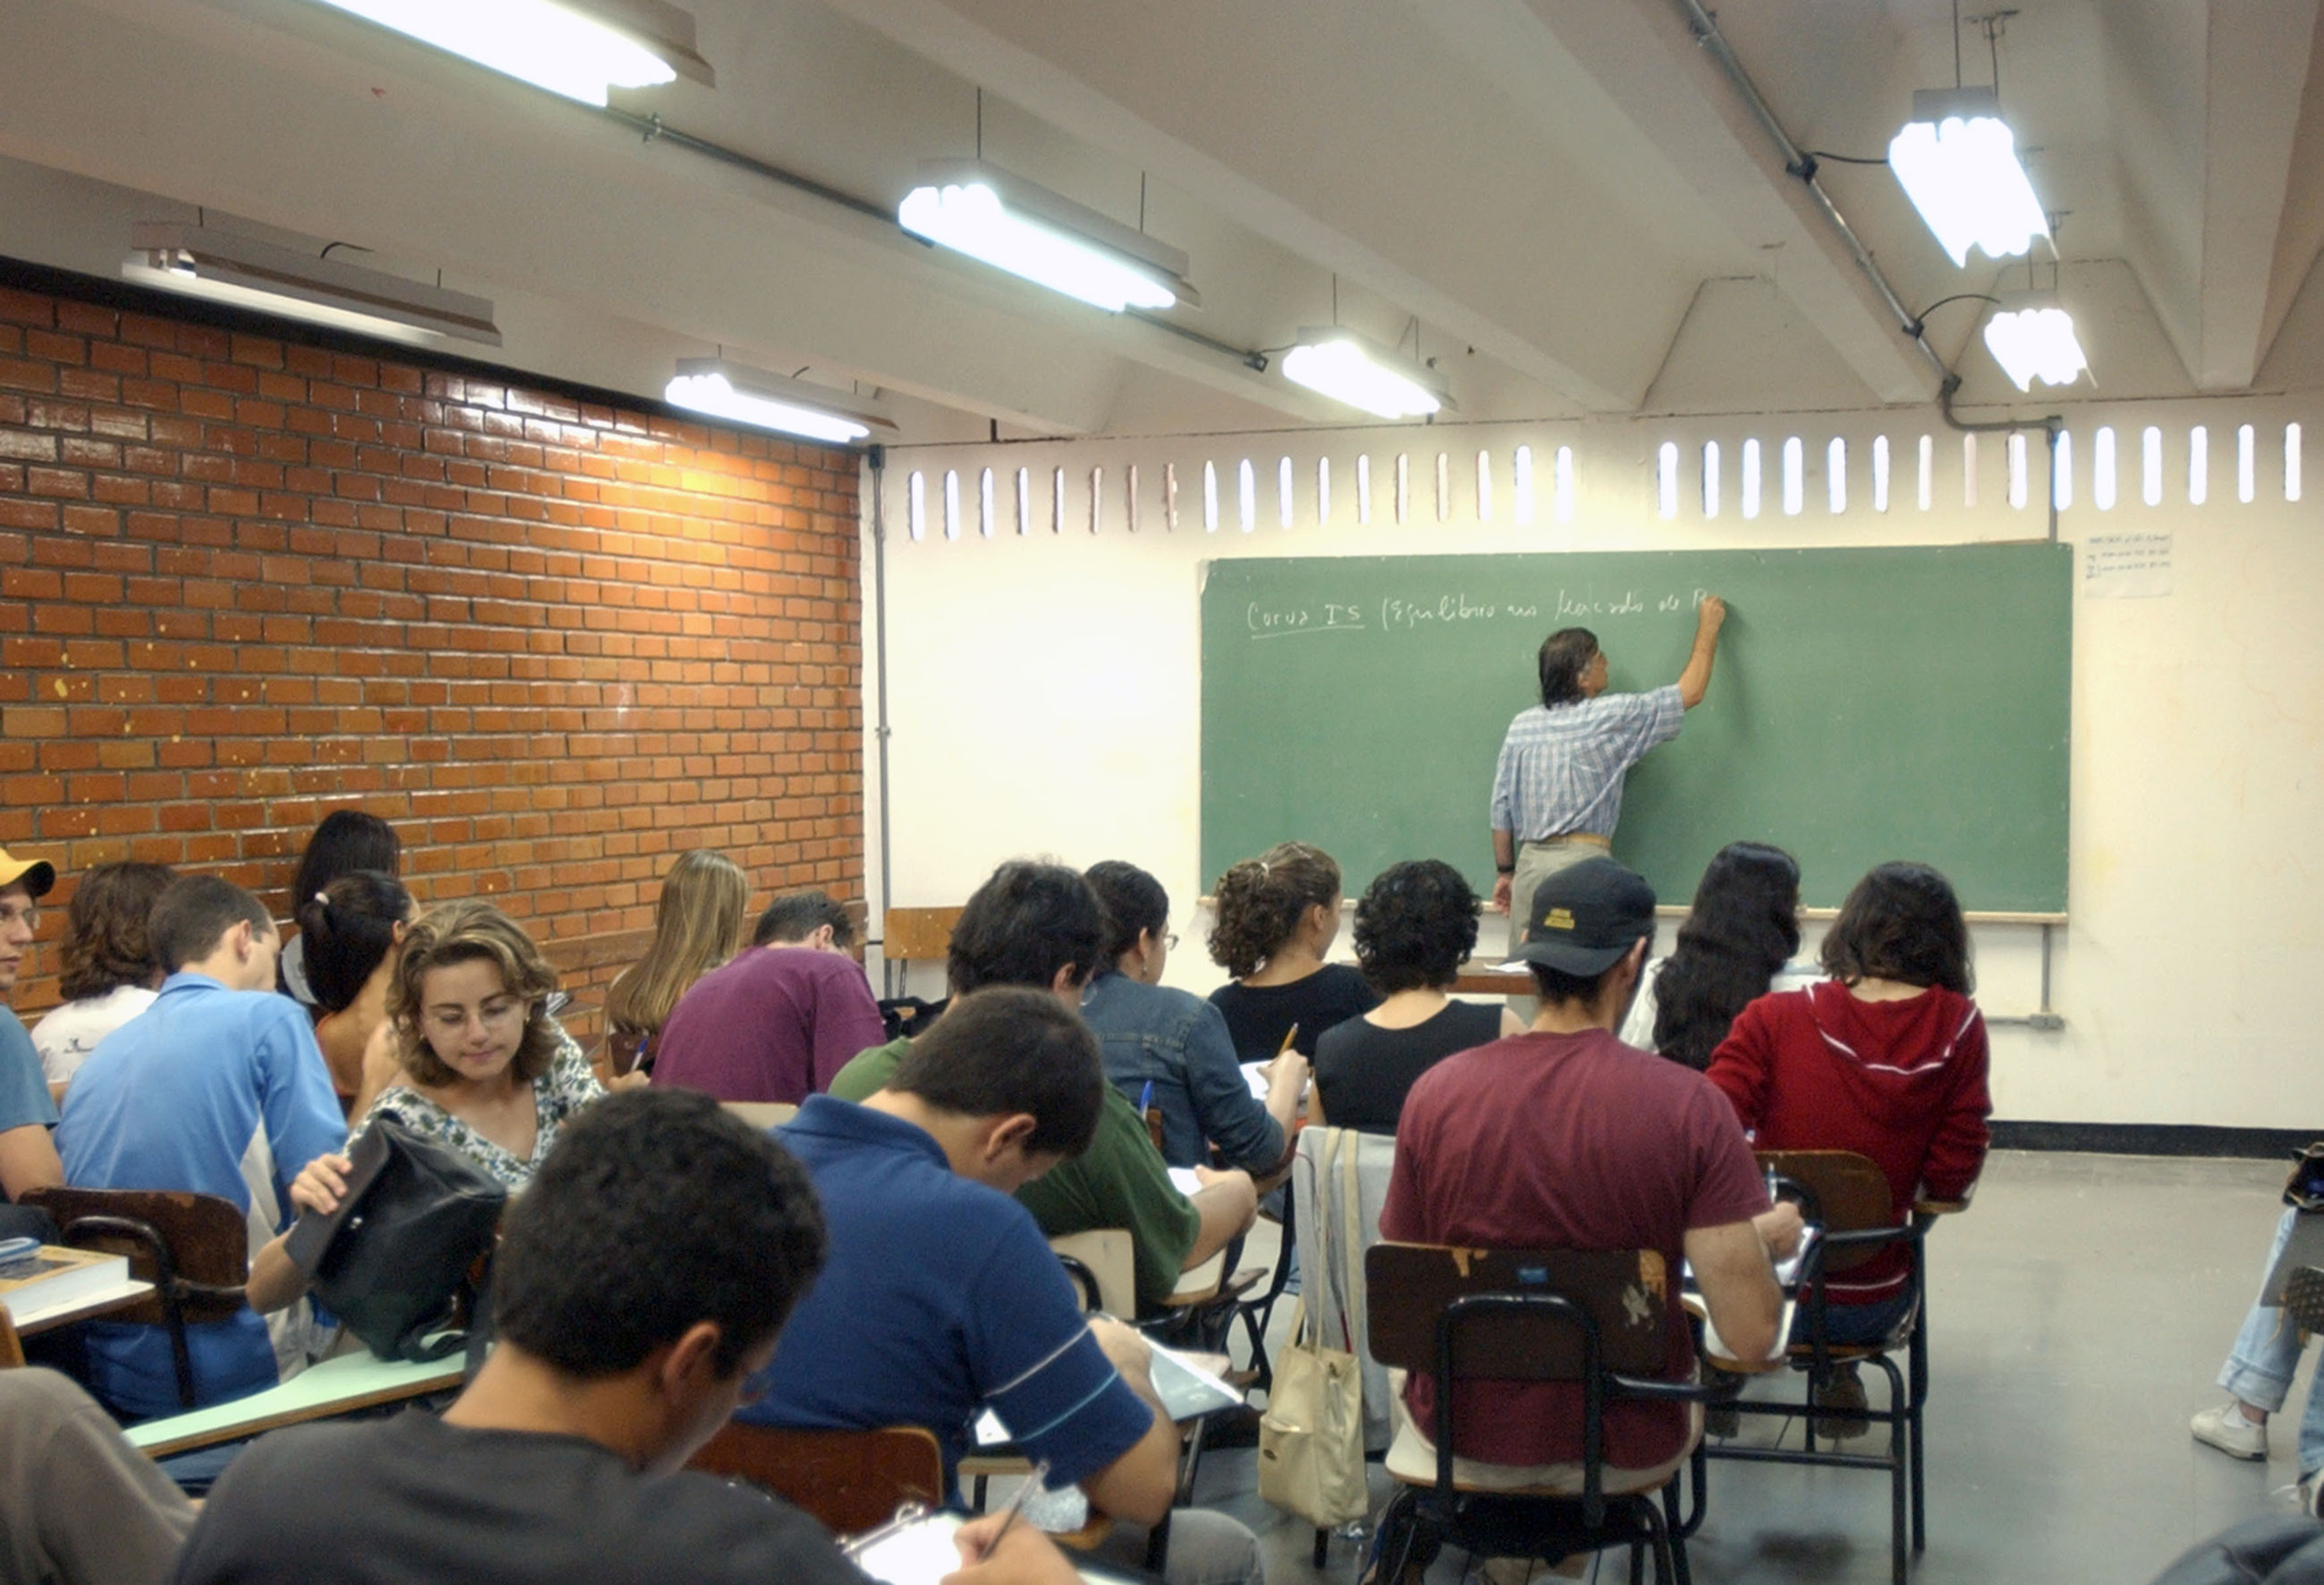 Alunos do Ensino Médio passarão mais tempo na escola a partir de 2018